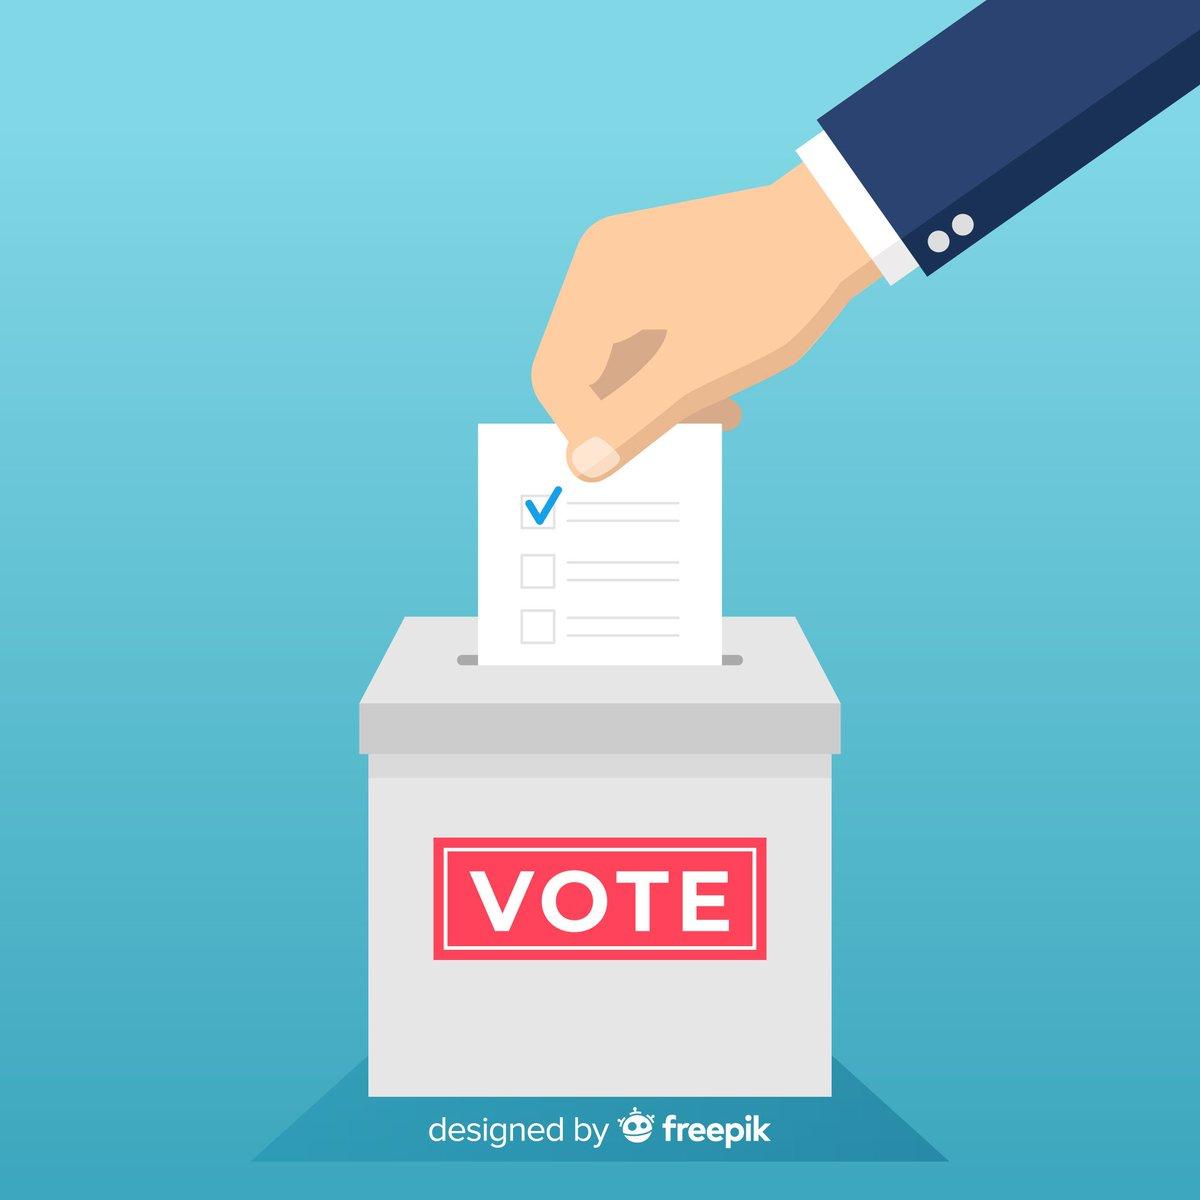 #ElectionsEuropeennes2019 🇪🇺 Les élections européennes approchent à grands pas. Nos bureaux de vote seront ouverts le 26 mai prochain de 8h à 18h.  📢 Ne pas oublier sa carte électorale et sa carte d'identité ! #Electionseuropeennes #LongueJumelles #Vote #26mai #Europe